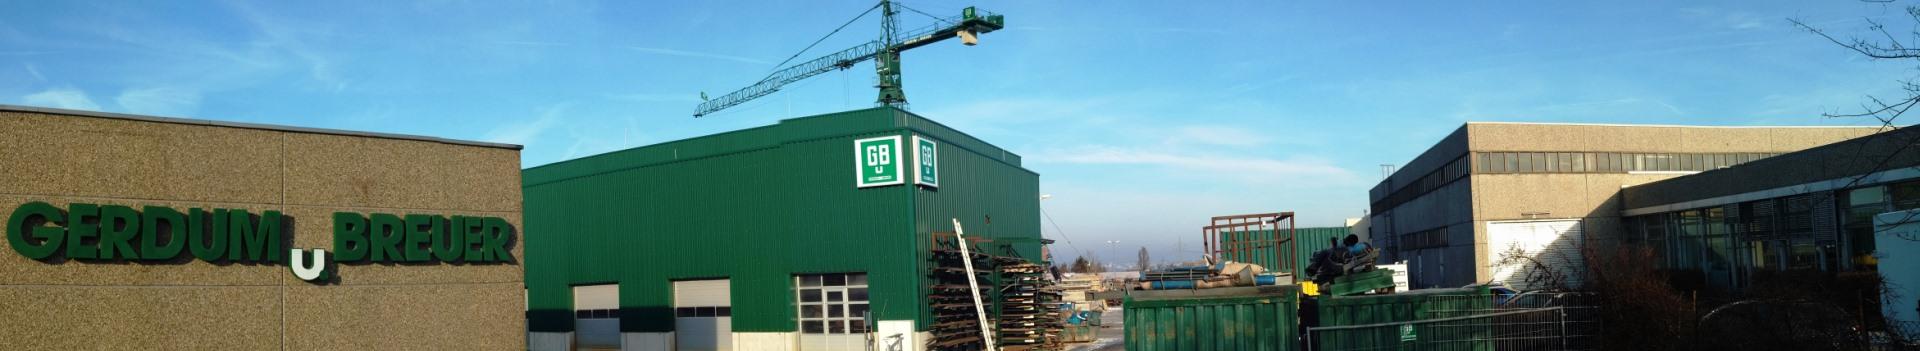 Baufirmen Kassel gerdum u breuer bauunternehmen gmbh kassel erfurt